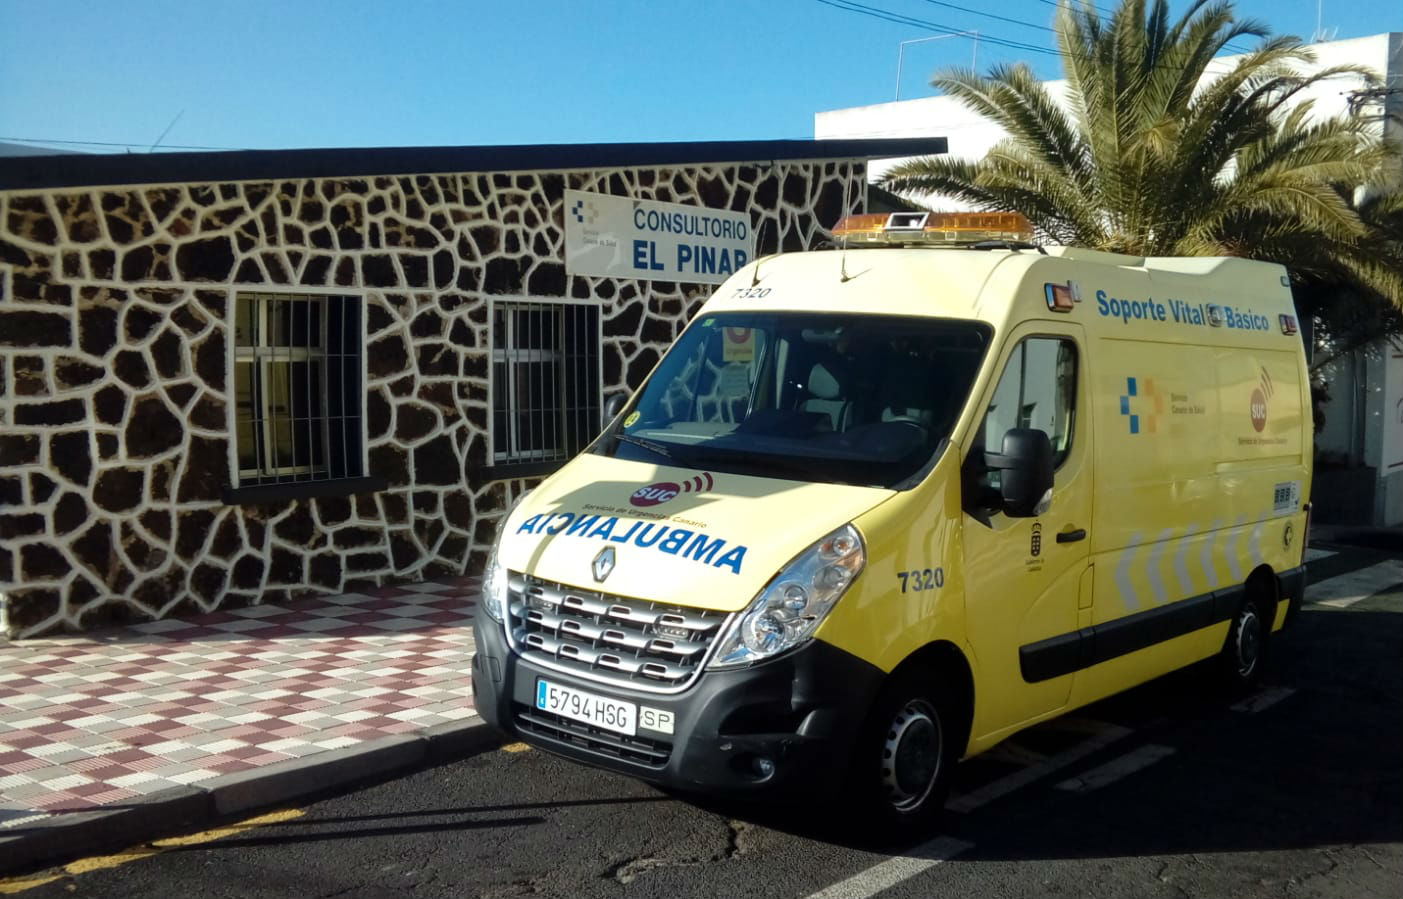 Ambulancia de soporte vital básico en El PInar